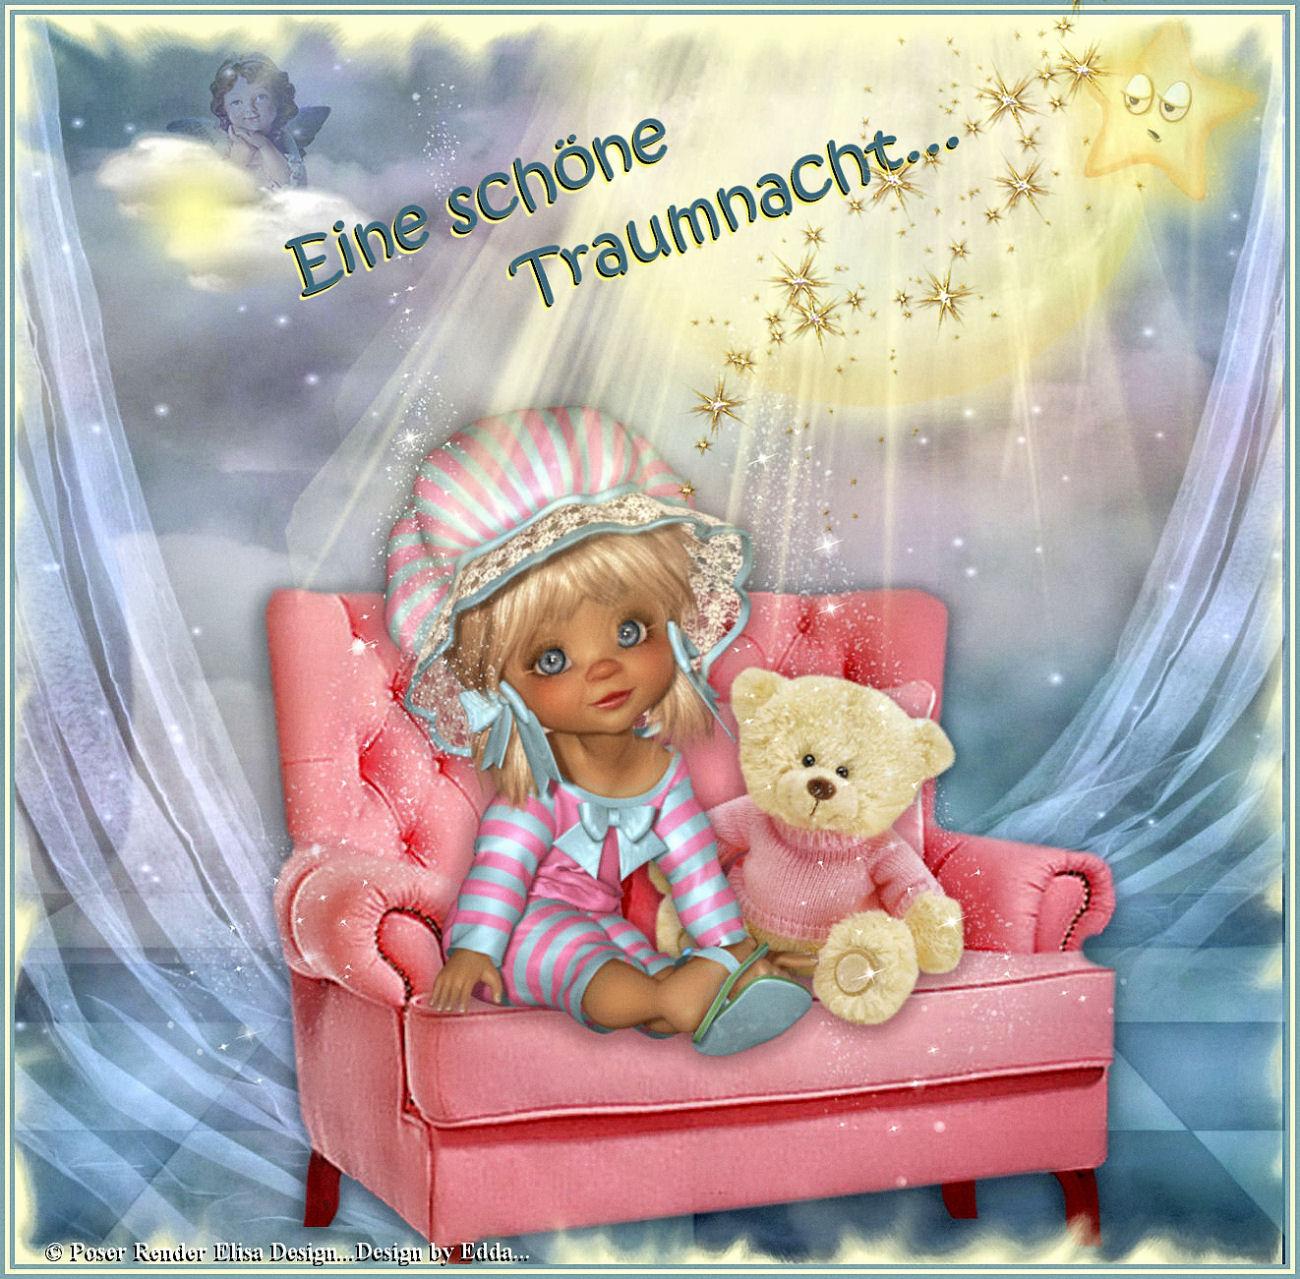 Schone Nacht Bilder Suss Und Lustig Gute Nacht Bilder Fur Whatsapp